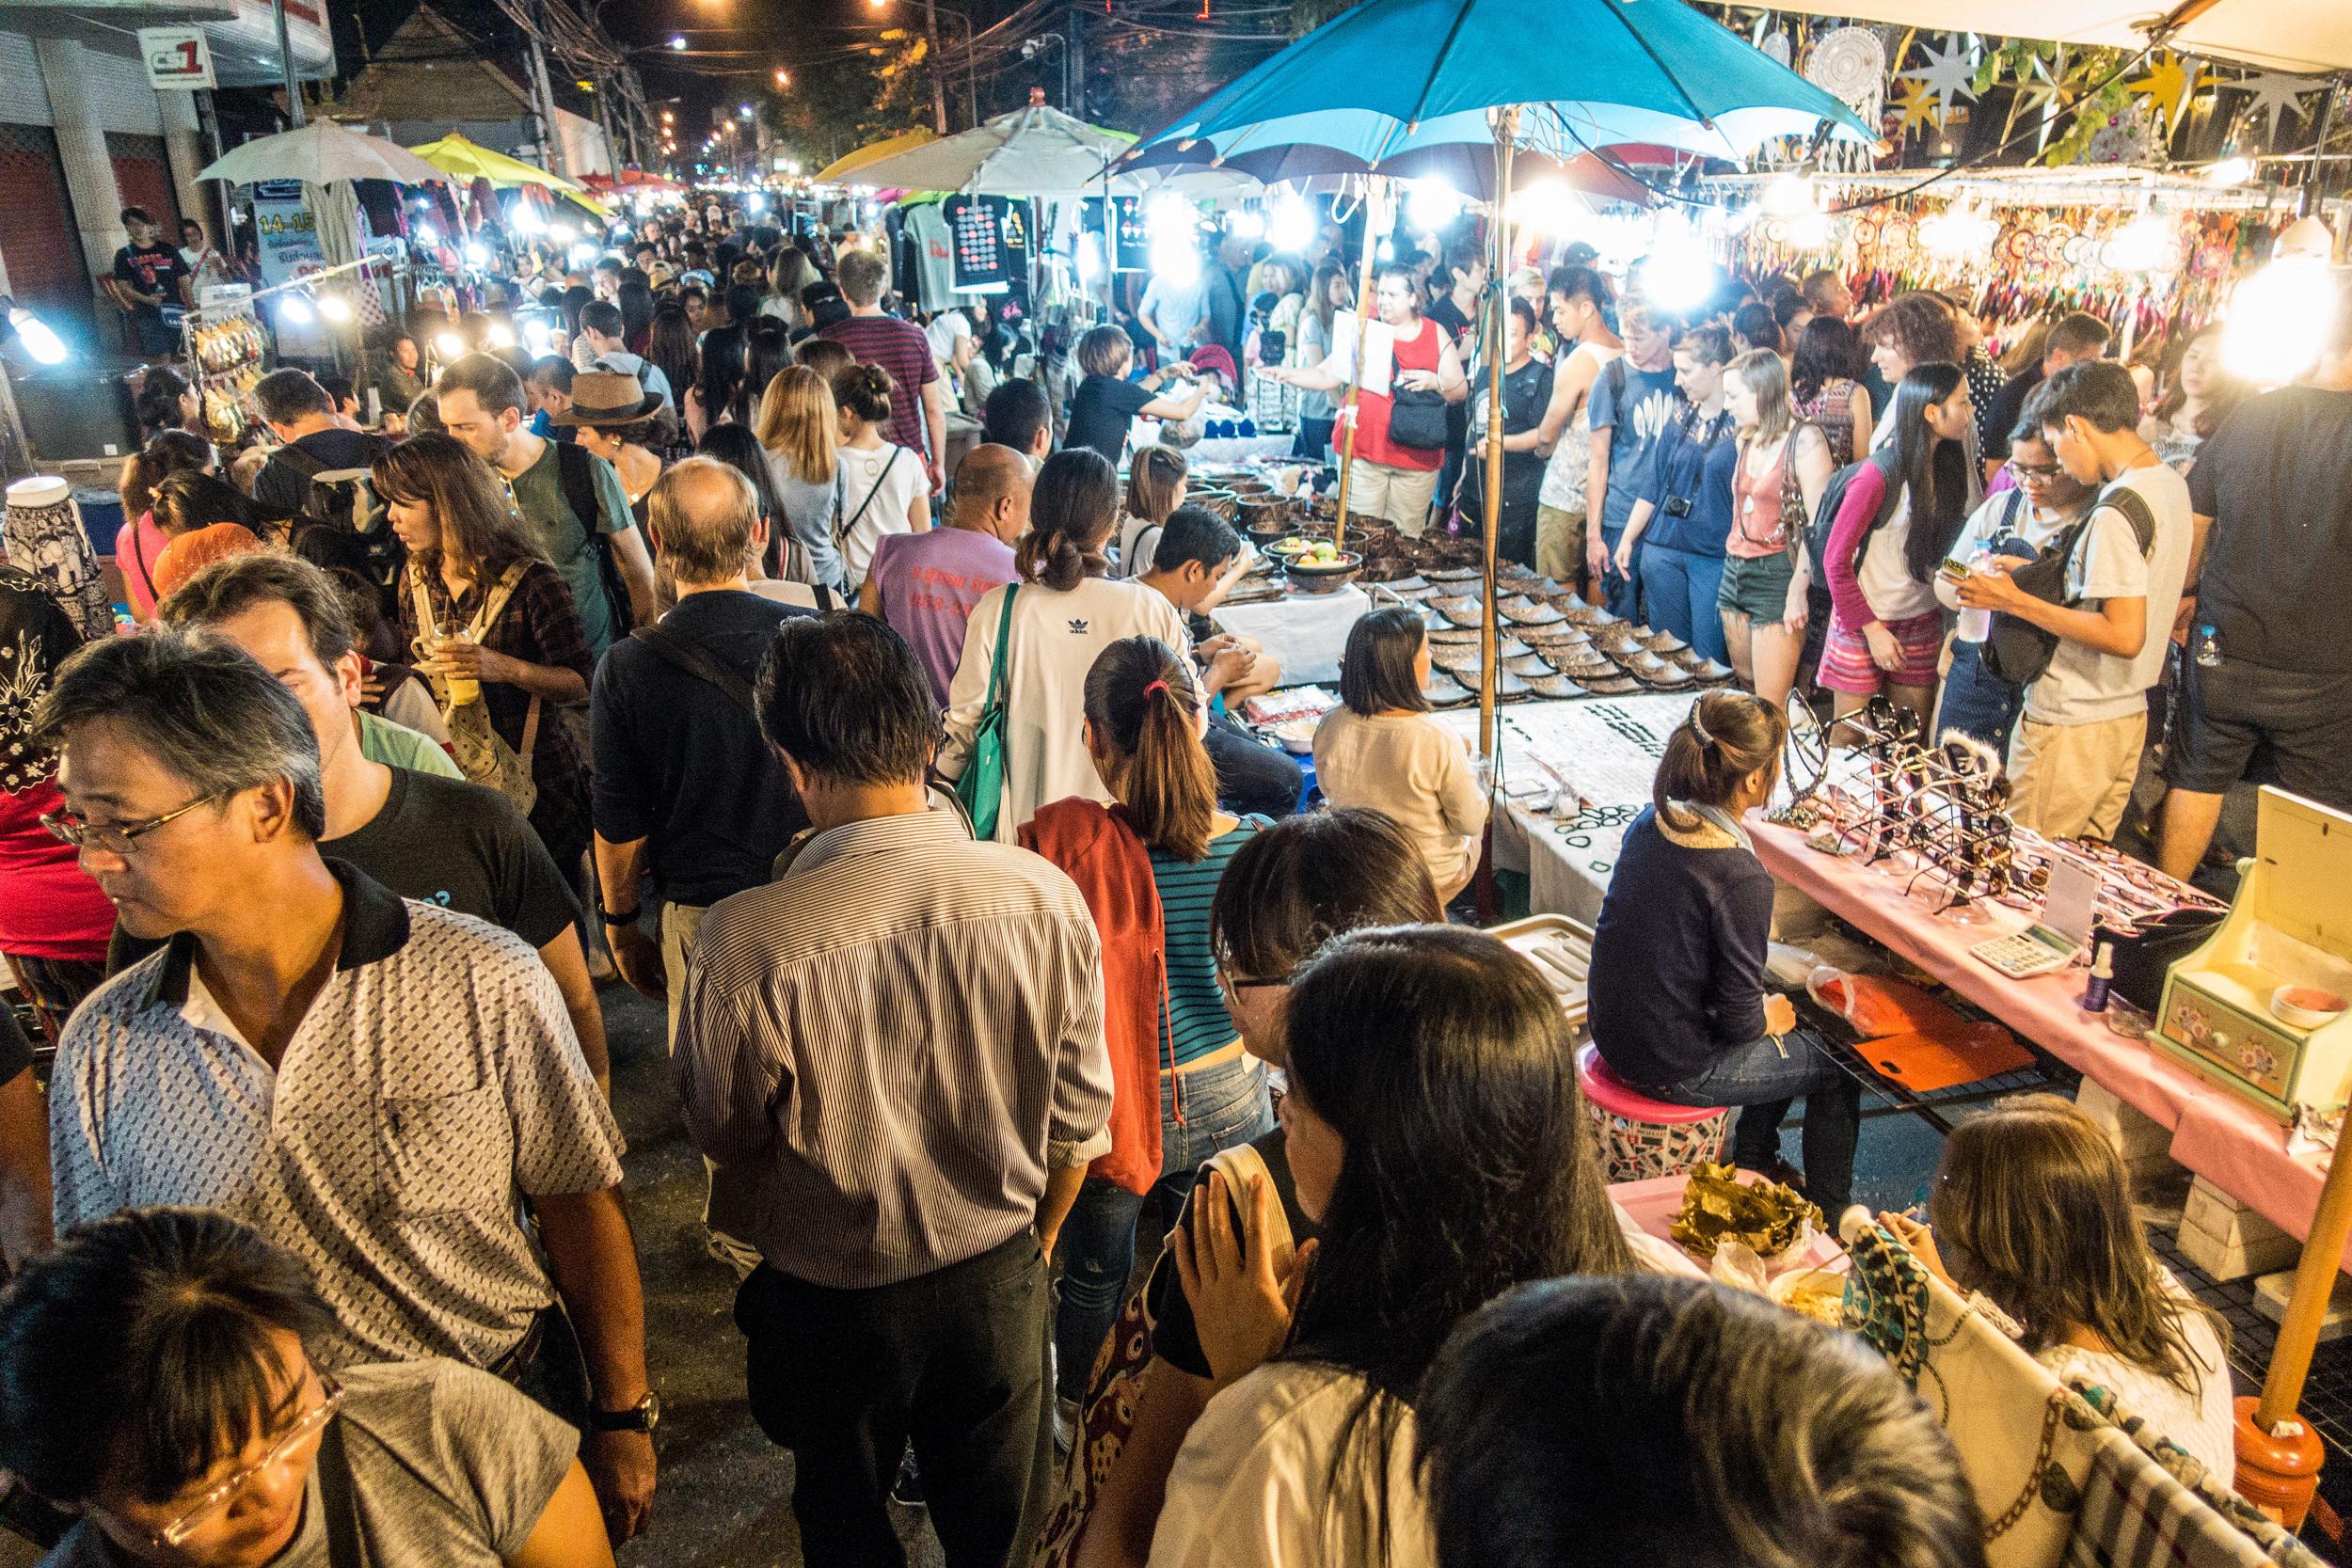 THAILAND - CHIANG MAI SUNDAY NIGHT MARKET